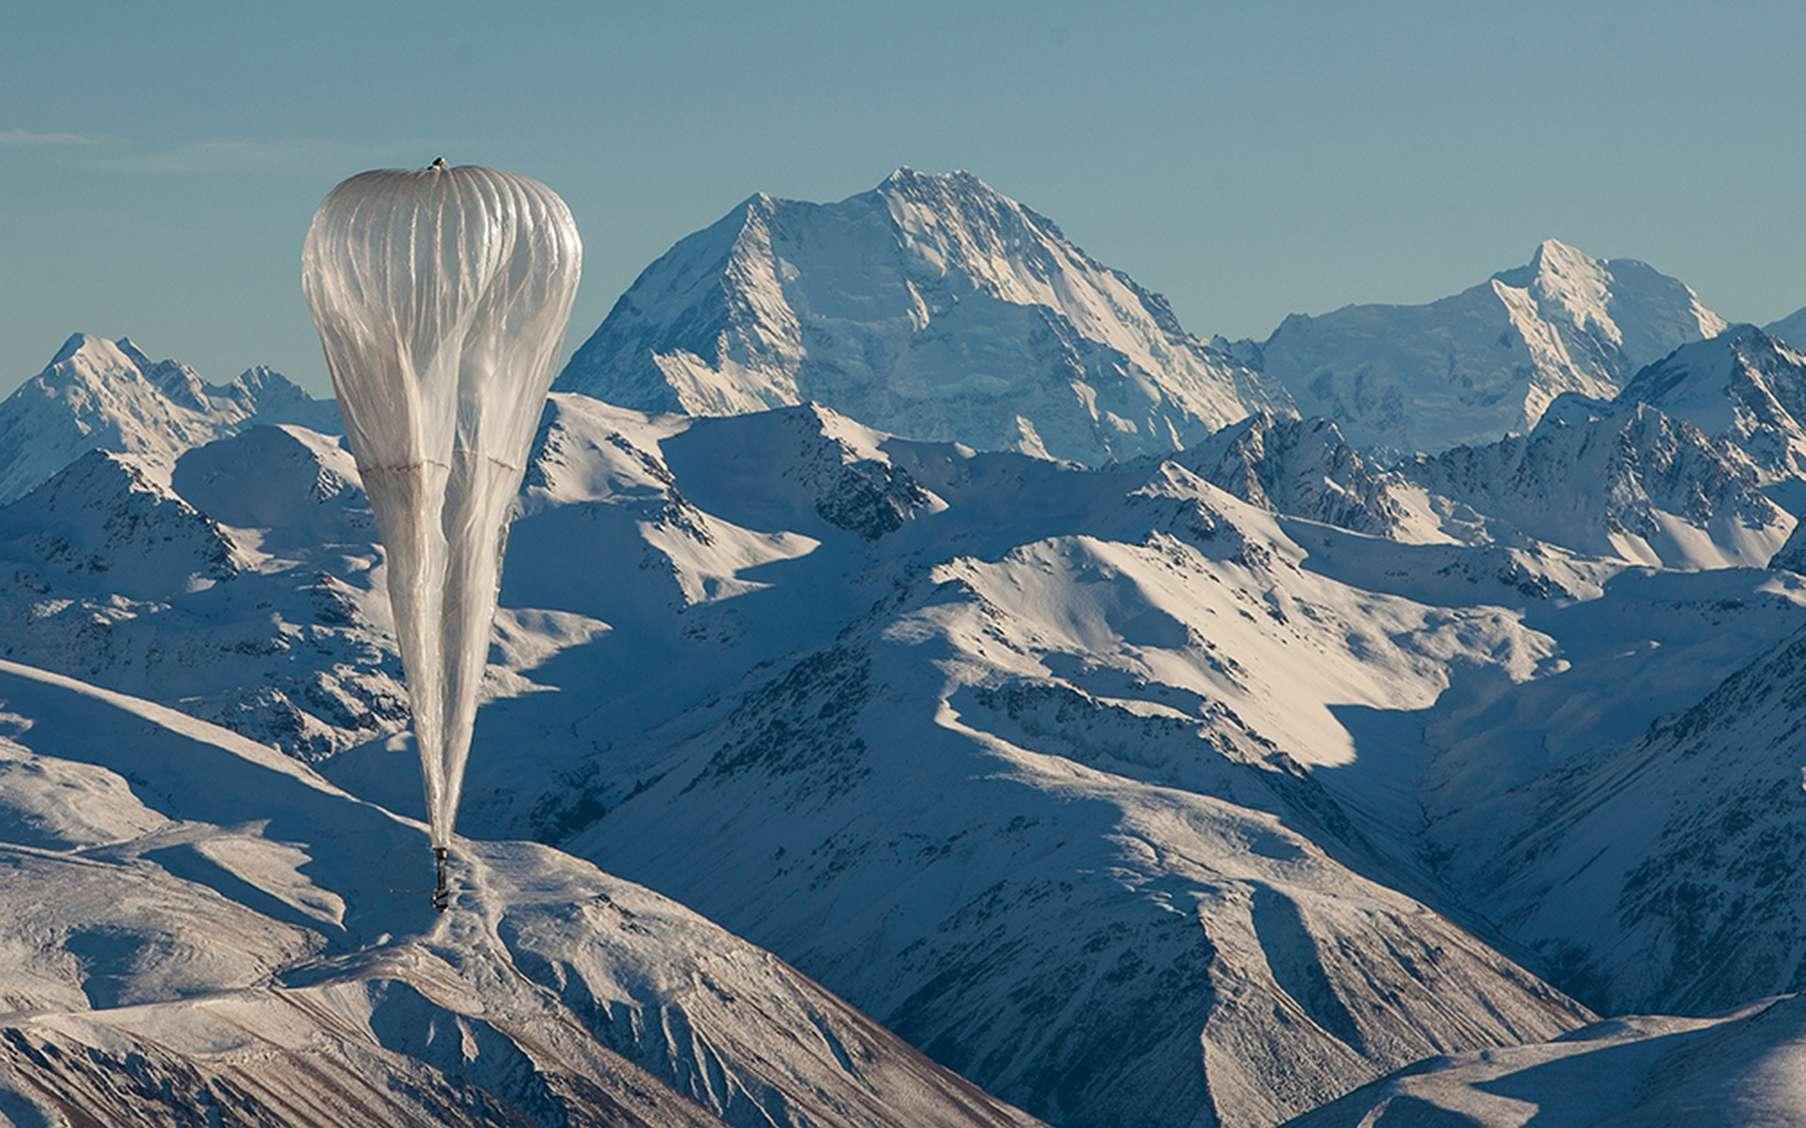 Les ballons stratosphériques Loon de Google sont fabriqués avec des feuilles de polyéthylène et gonflés à l'hélium. © X.company